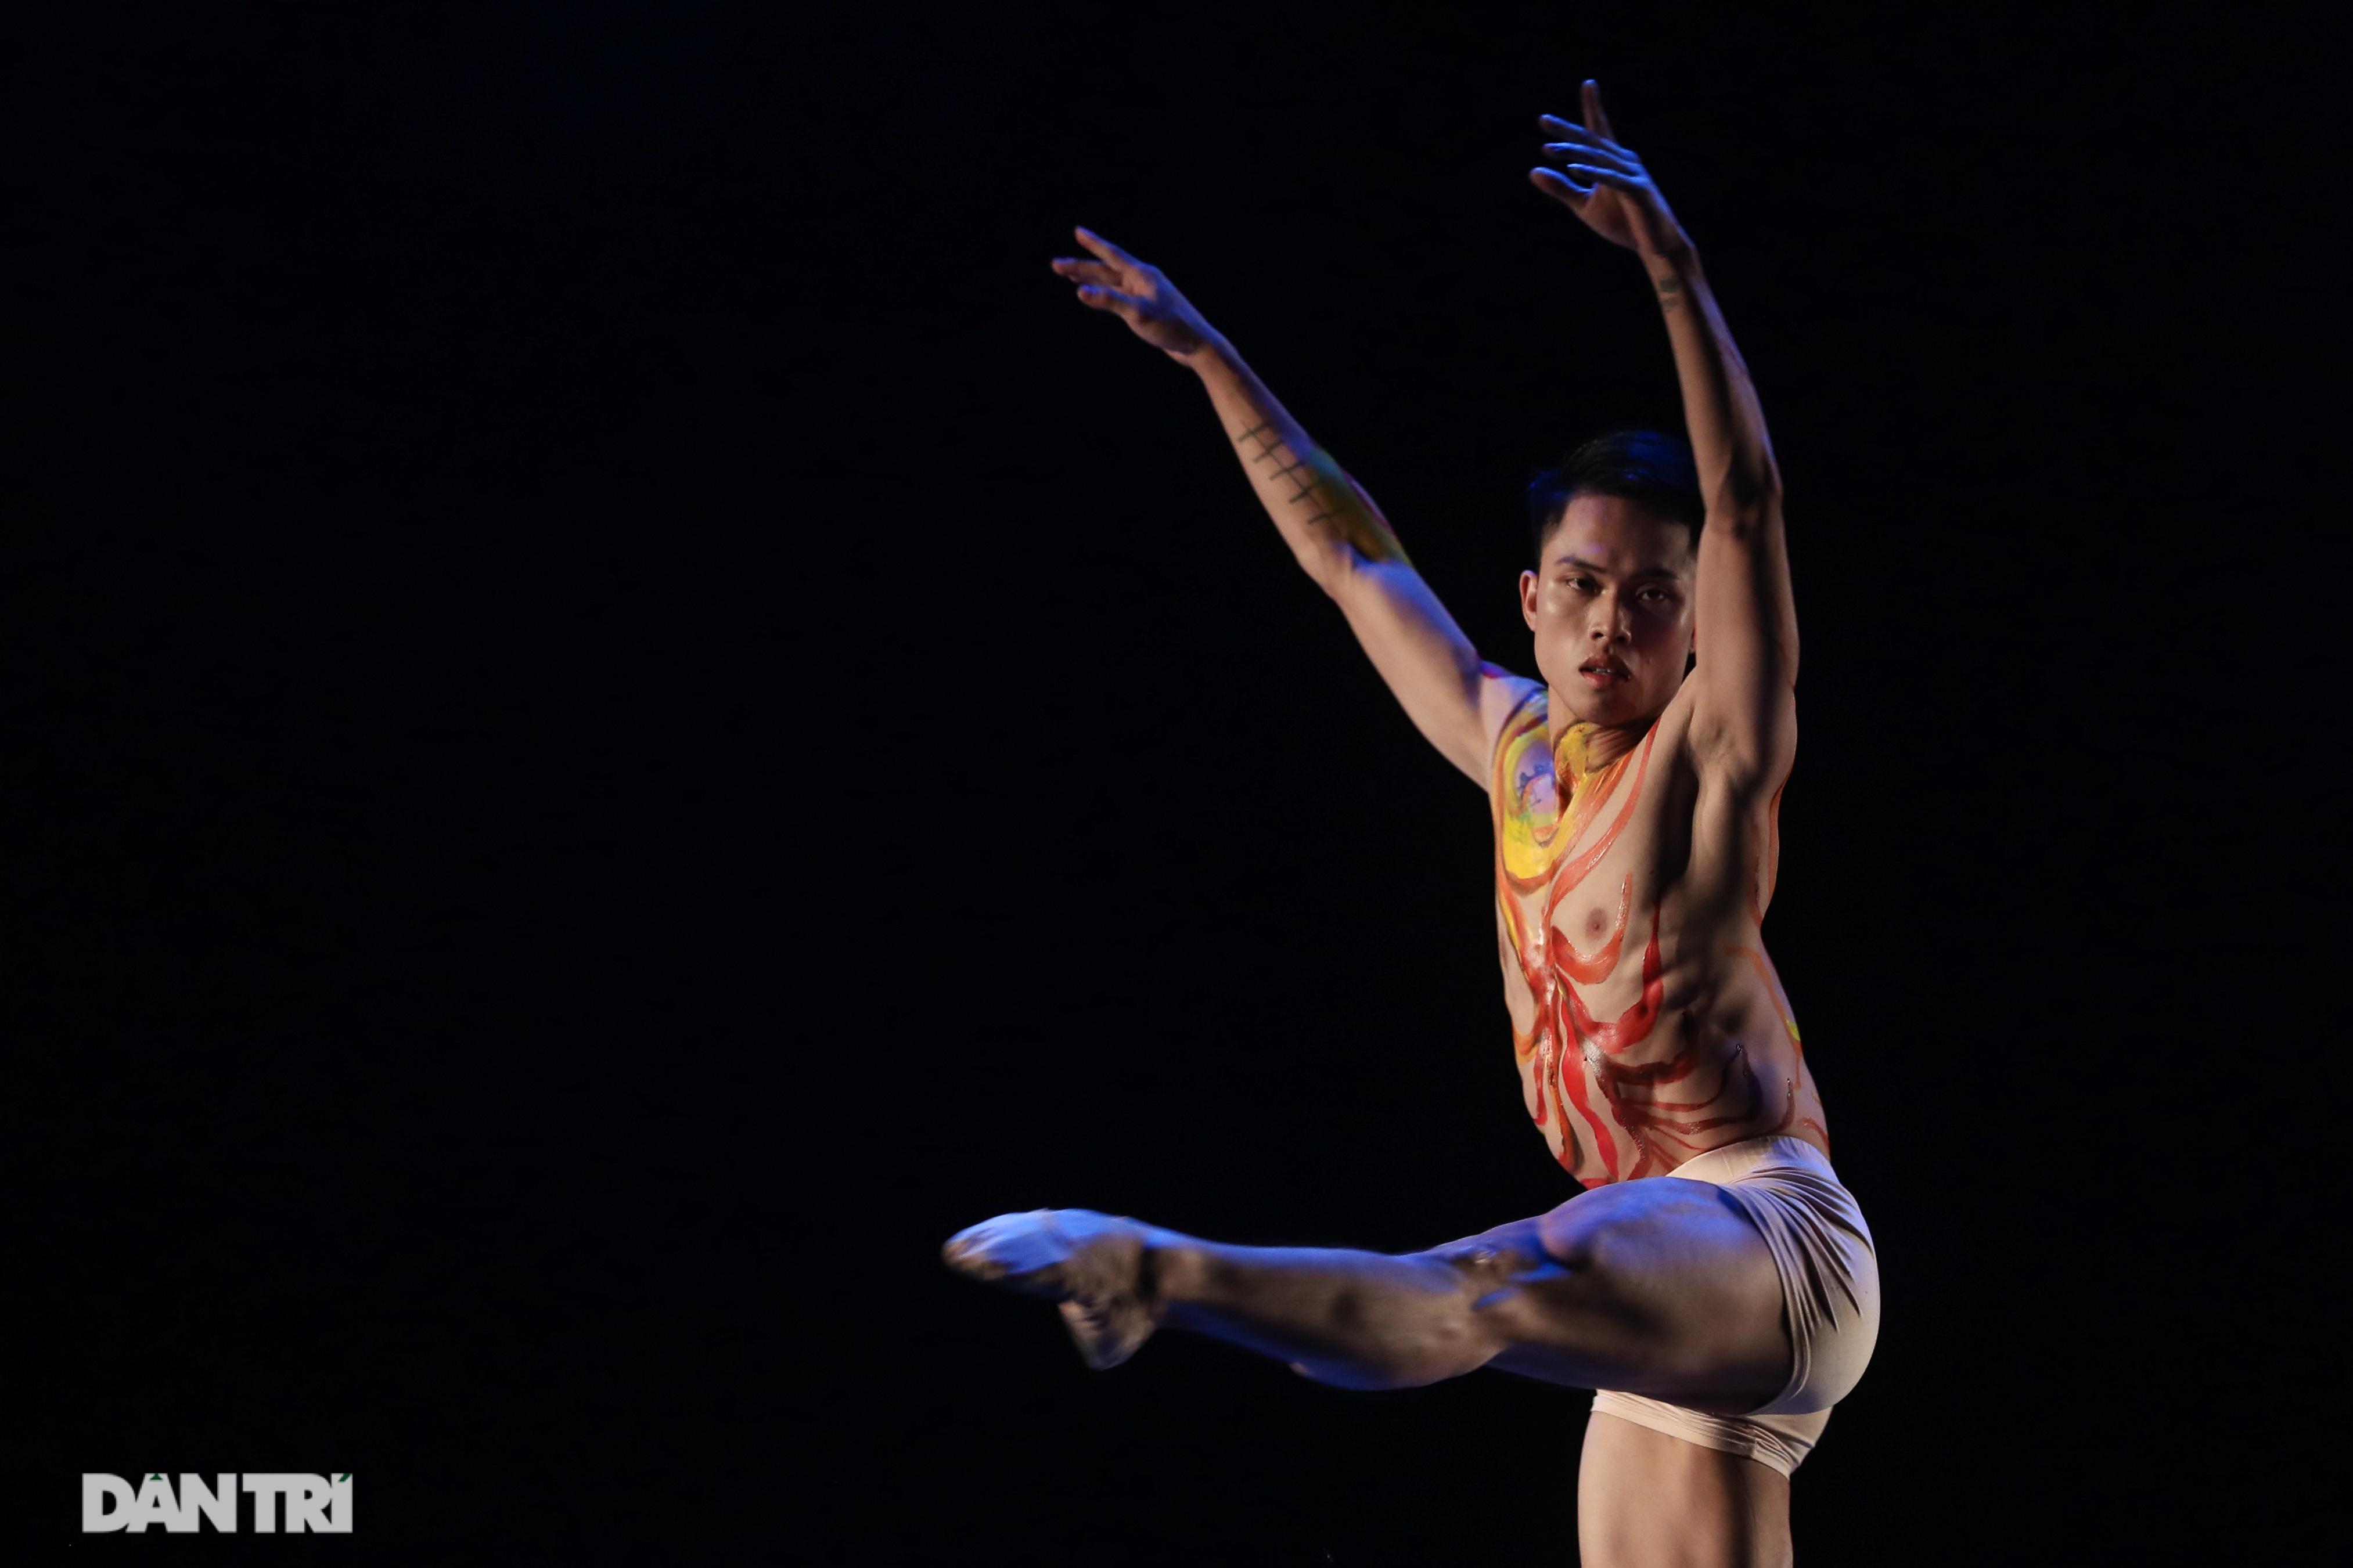 Khoảnh khắc mê hồn tại cuộc thi Tài năng biểu diễn múa - 22